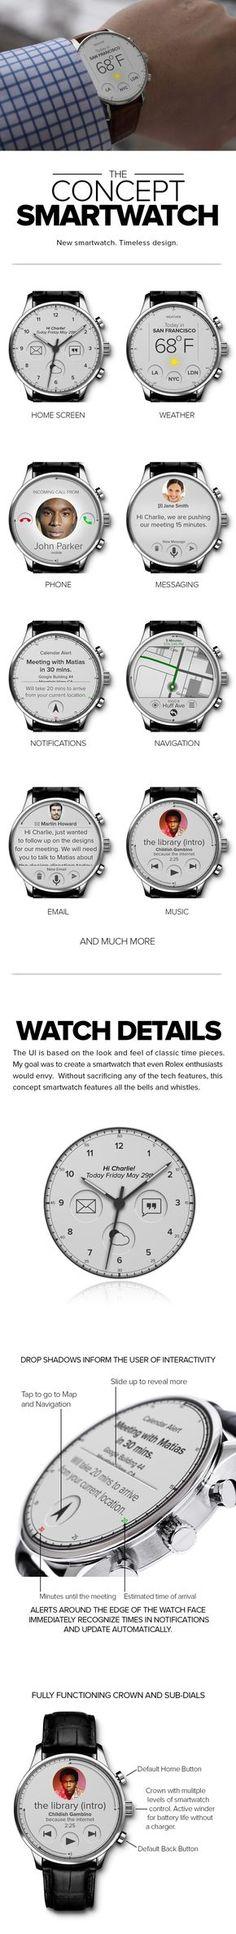 ux  ui  design  interaction  layout  app  wearables  apple c2e6ec71d5